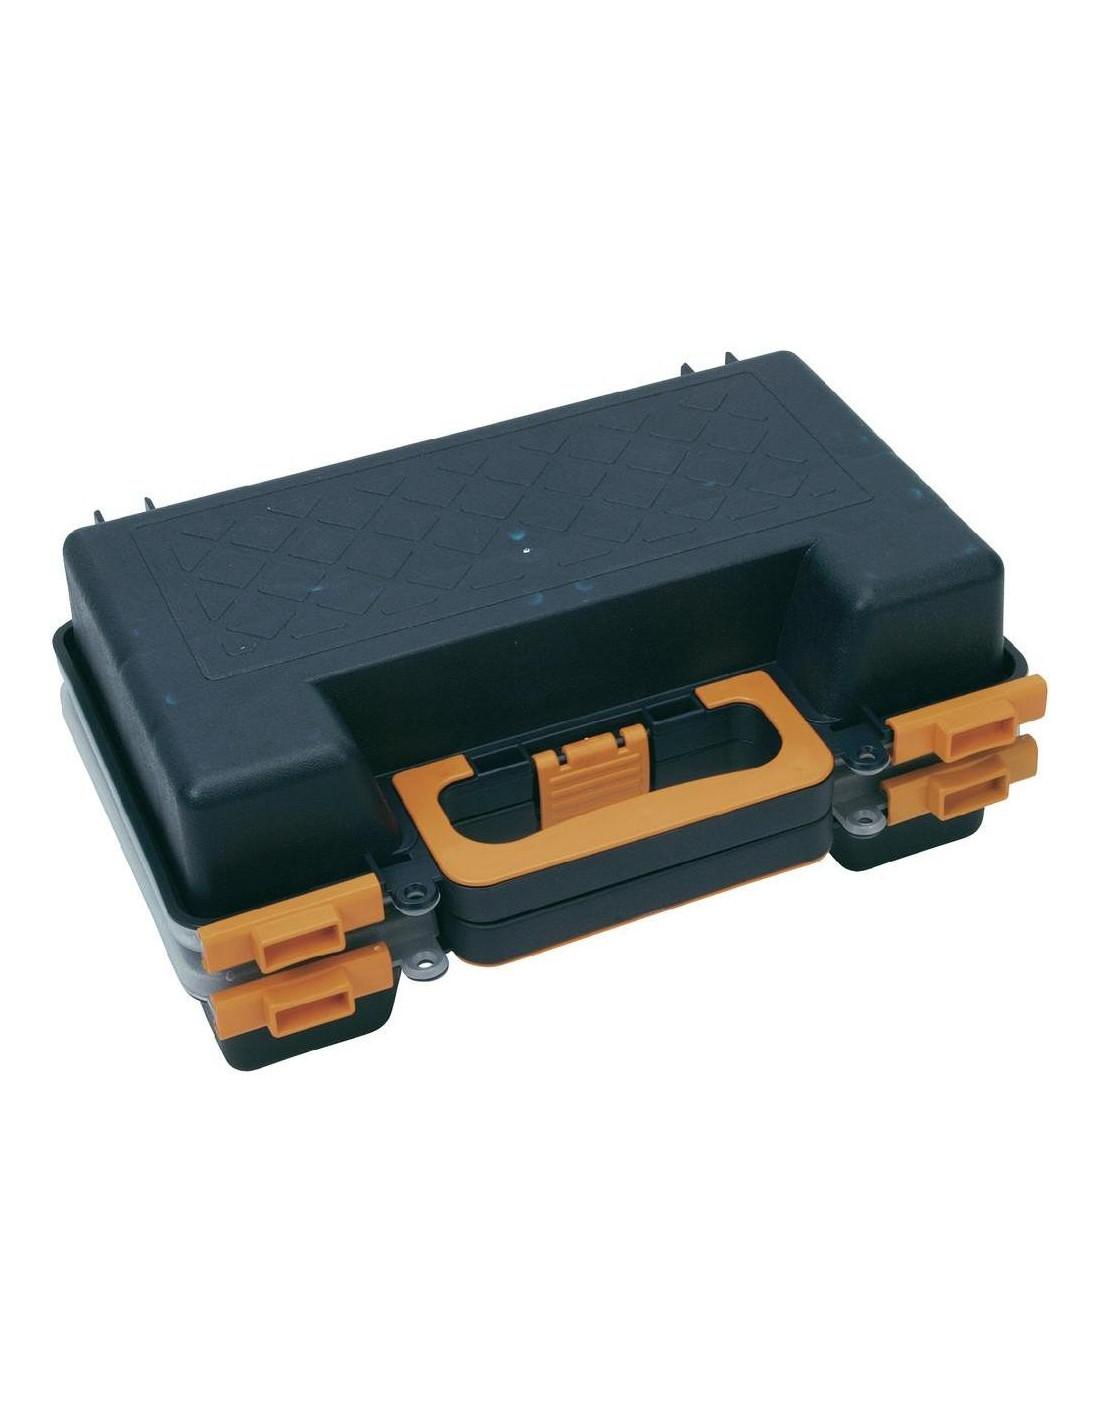 cogex malette de rangement double 16 cases hyper brico. Black Bedroom Furniture Sets. Home Design Ideas